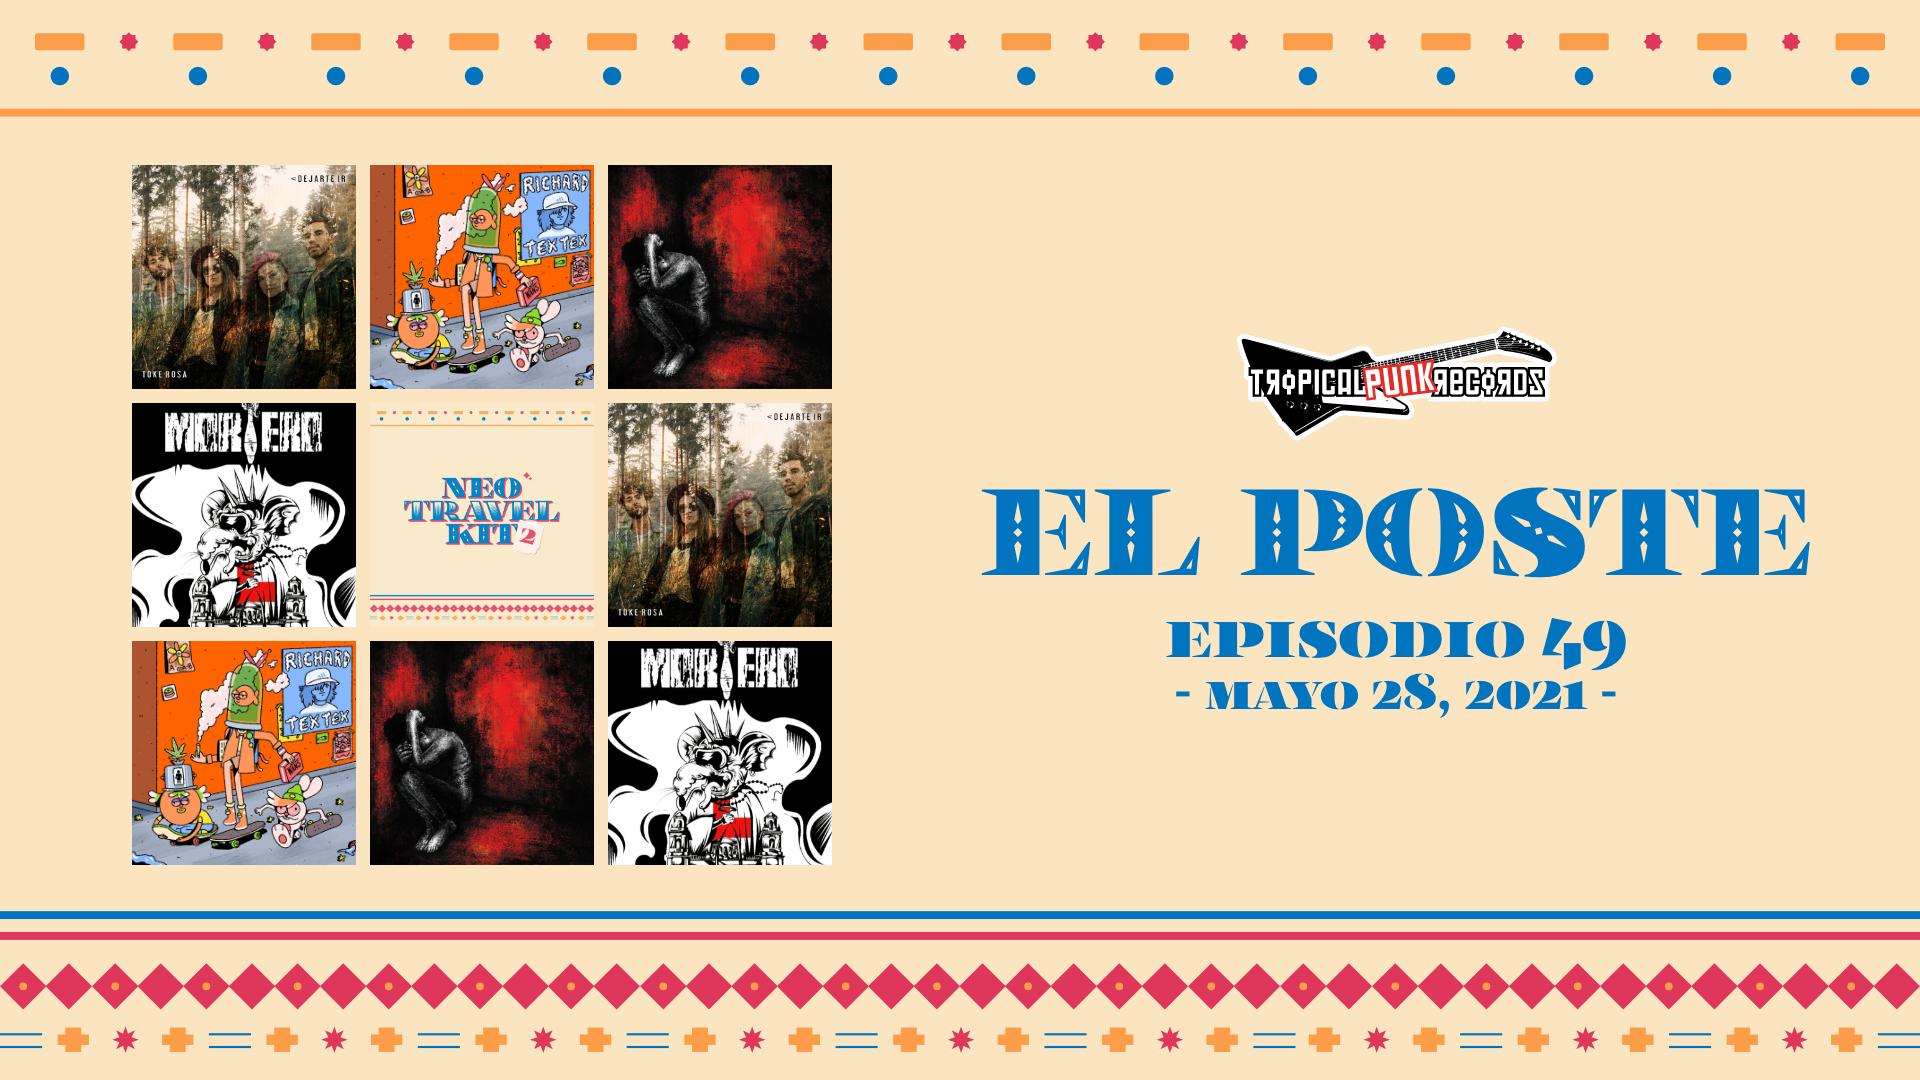 El Poste, Episodio 49 con Toke Rosa, Richard Tex Tex, Neo Travel Kit 2, Escara y Mortero. Un programa del Neo Travel Cast de Tropical Punk Records.